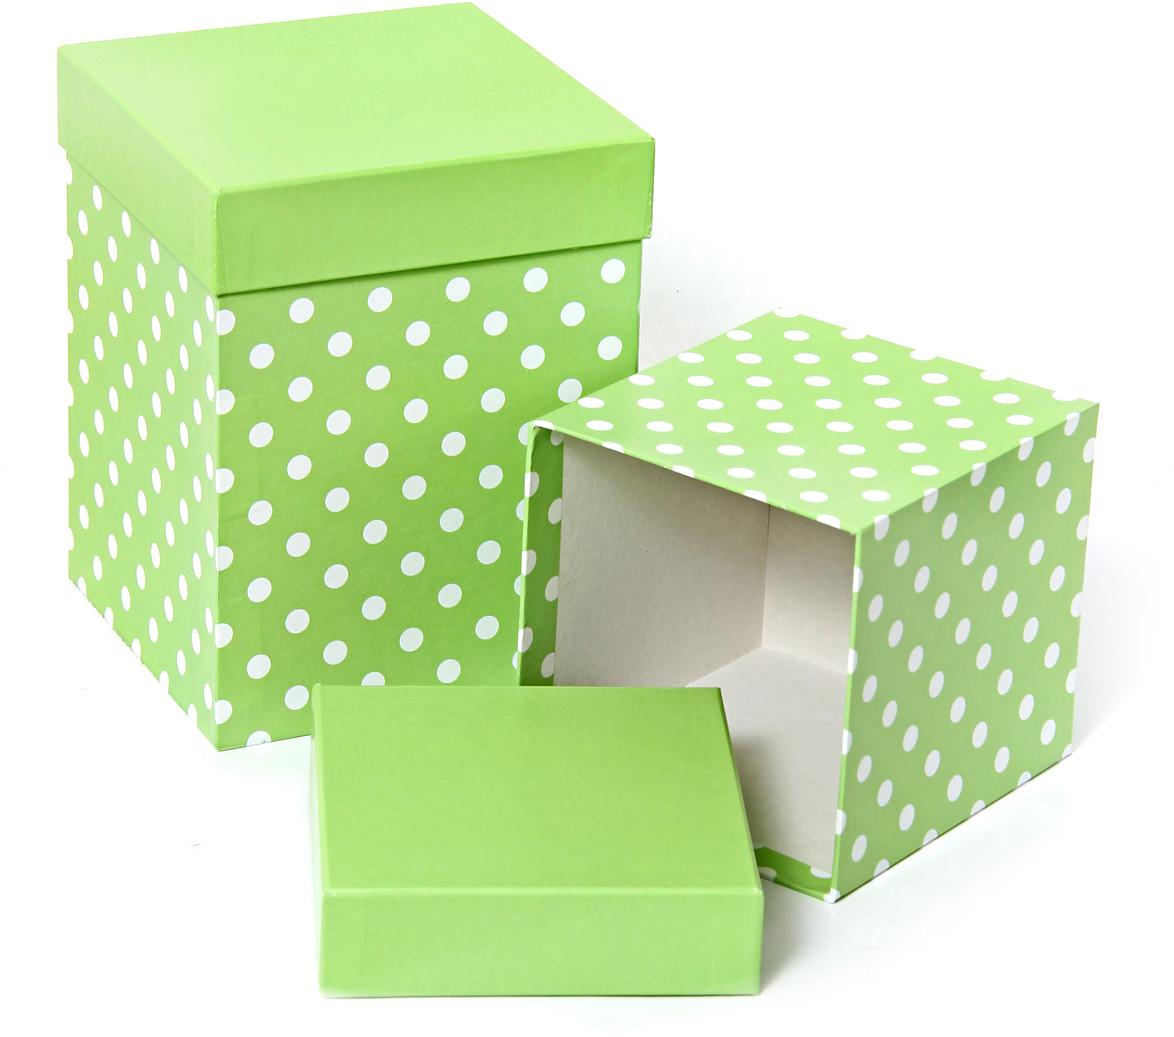 Набор подарочных коробок Veld-Co Белый горошек, под кружку, цвет: салатовый, 2 шт игровые наборы veld co набор посуды на подносе